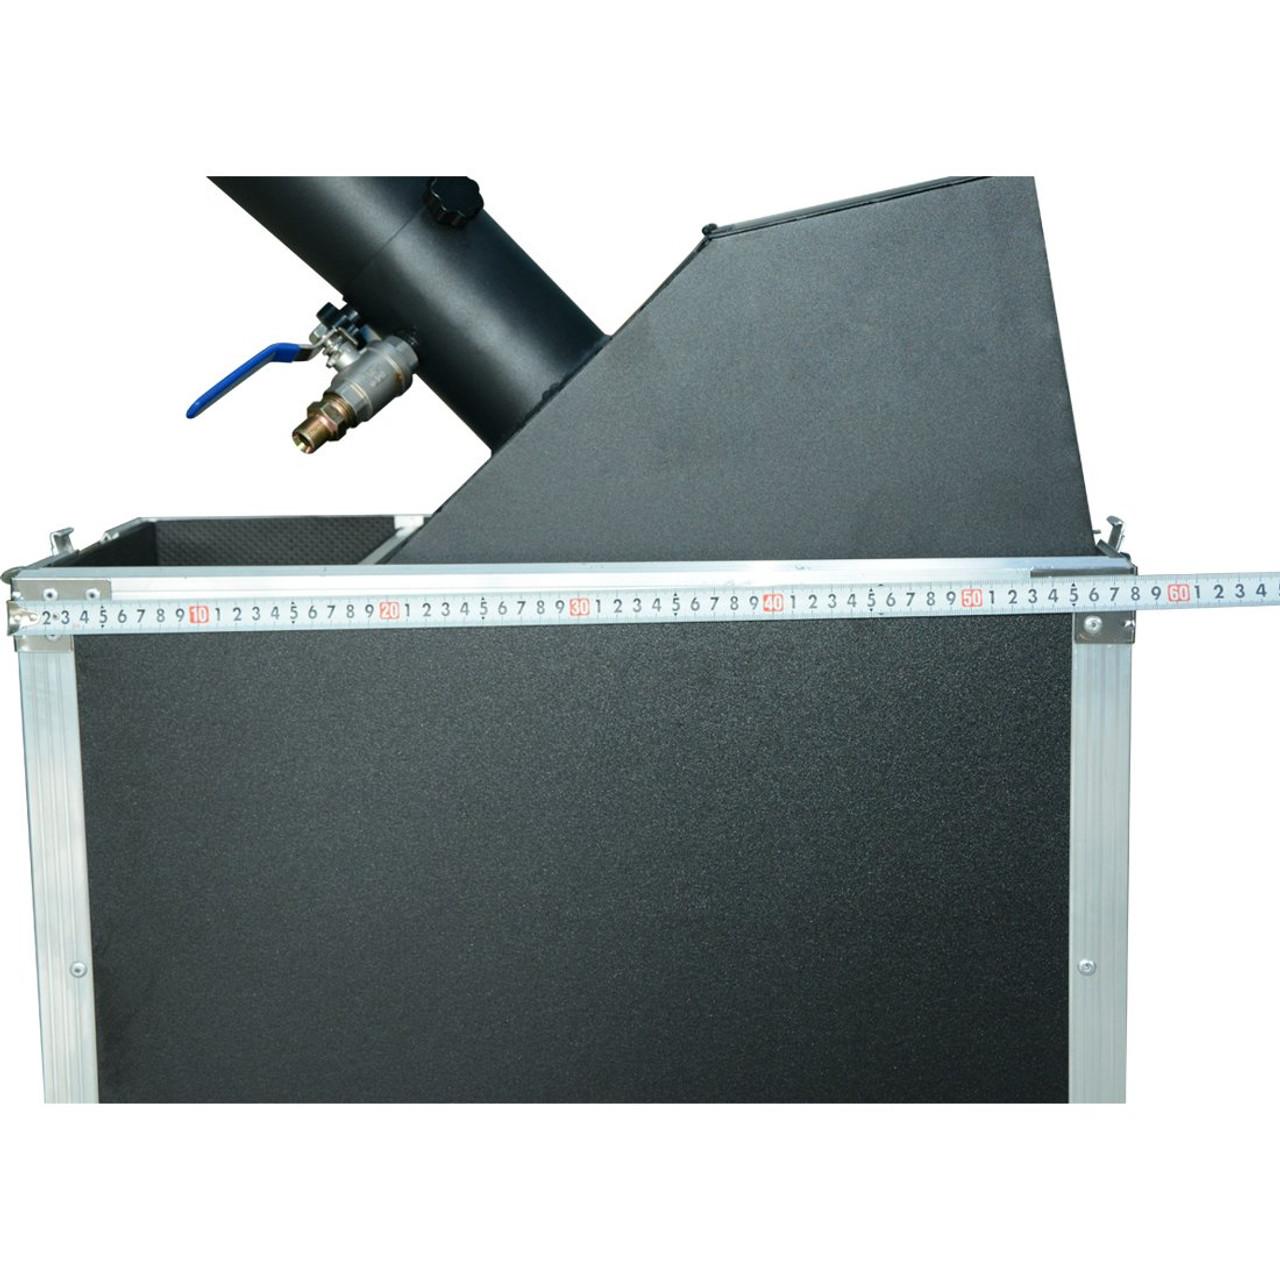 manual, co2 , power, confetti, box, blower,flight case, mini,small